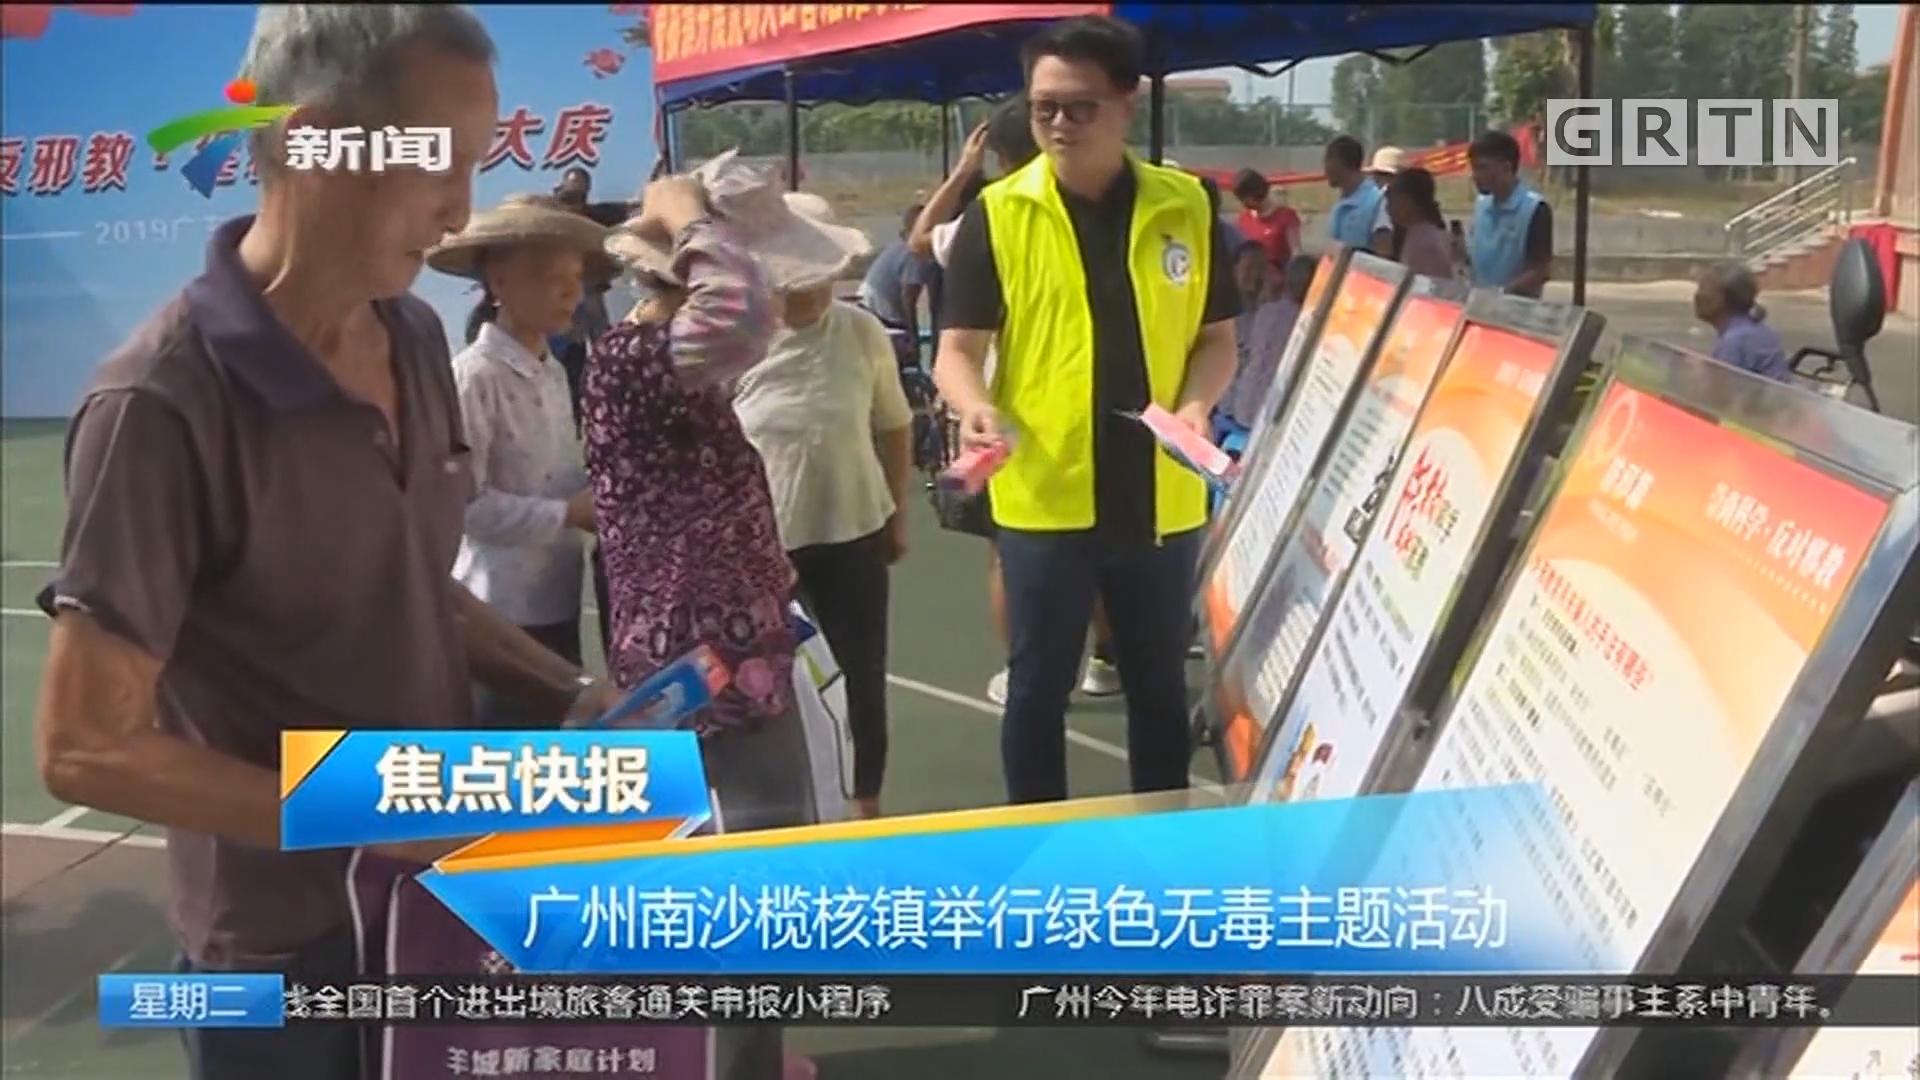 广州南沙榄核镇举行绿色无毒主题活动